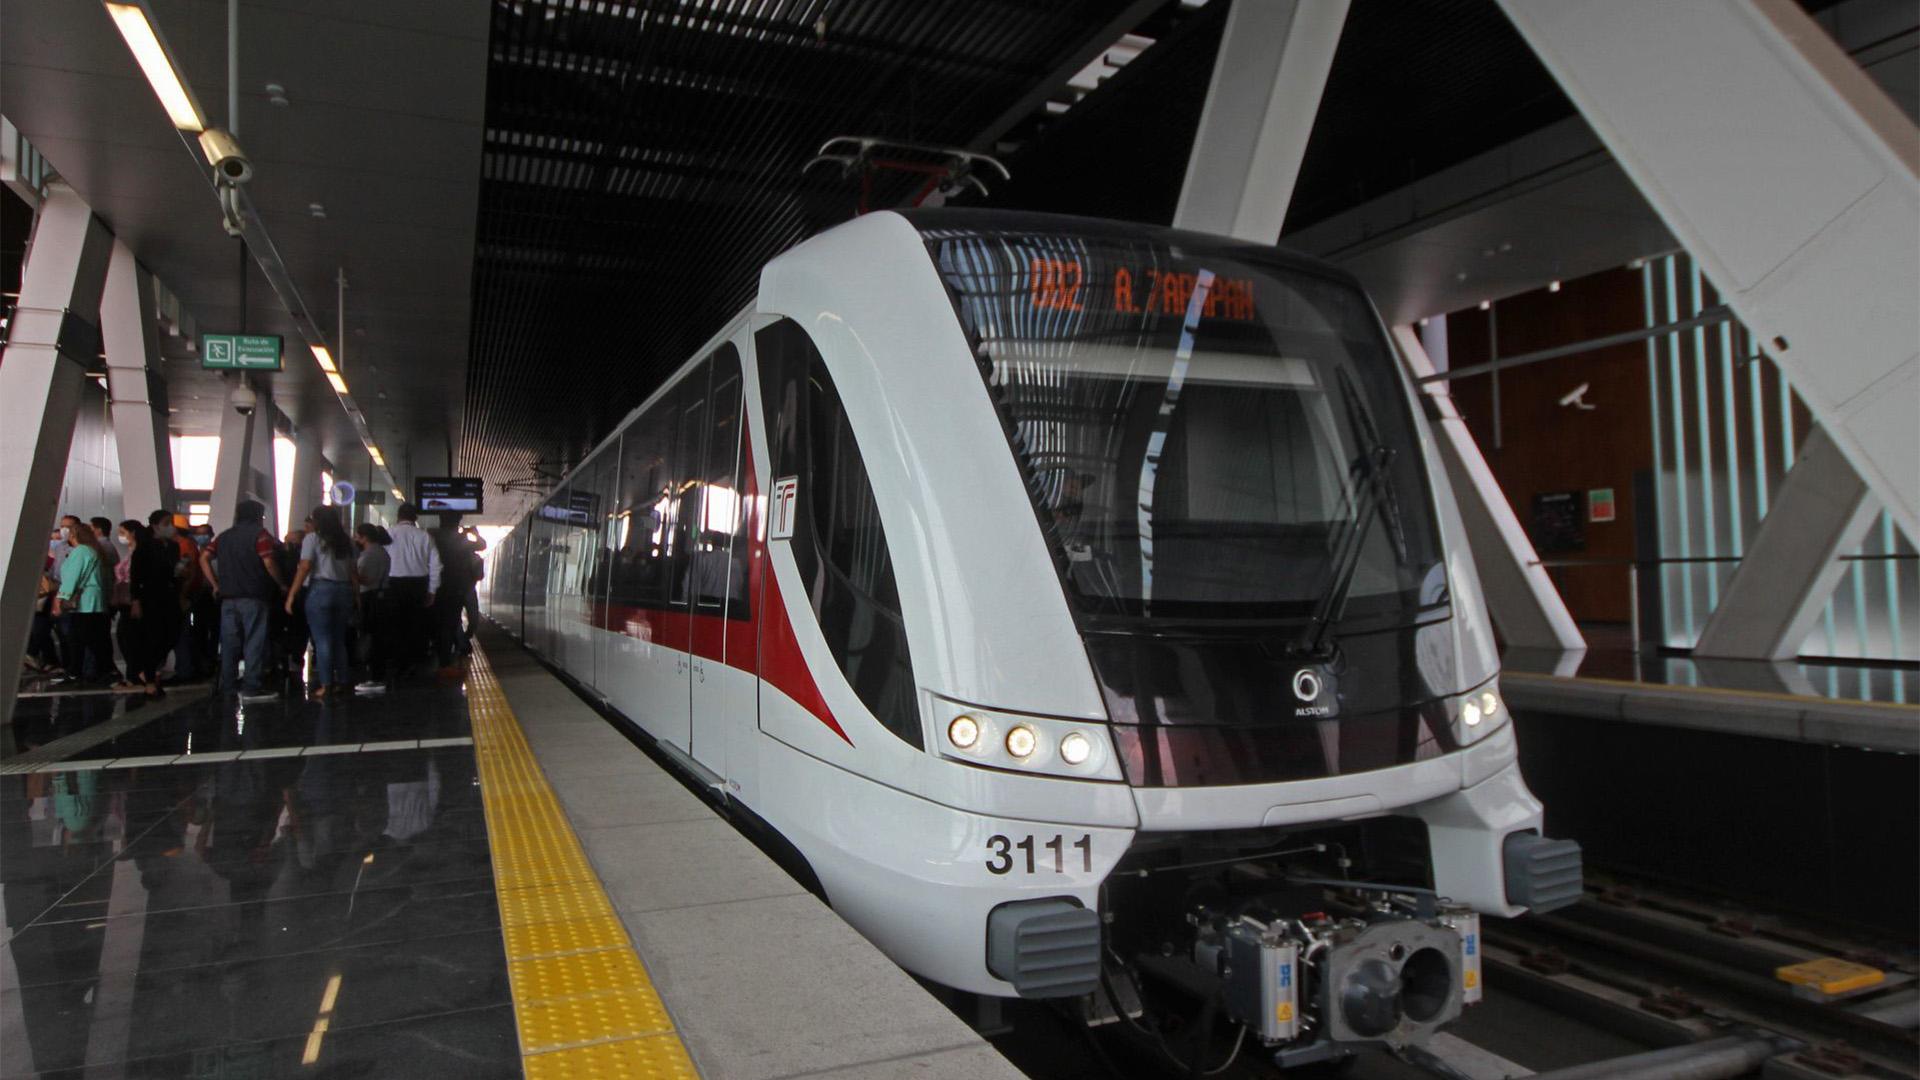 Personas invitadas al recorrido bajan del tren ligero en una de las estaciones por la cuales se realizo dicho recorrido (Foto: Cuartoscuro)